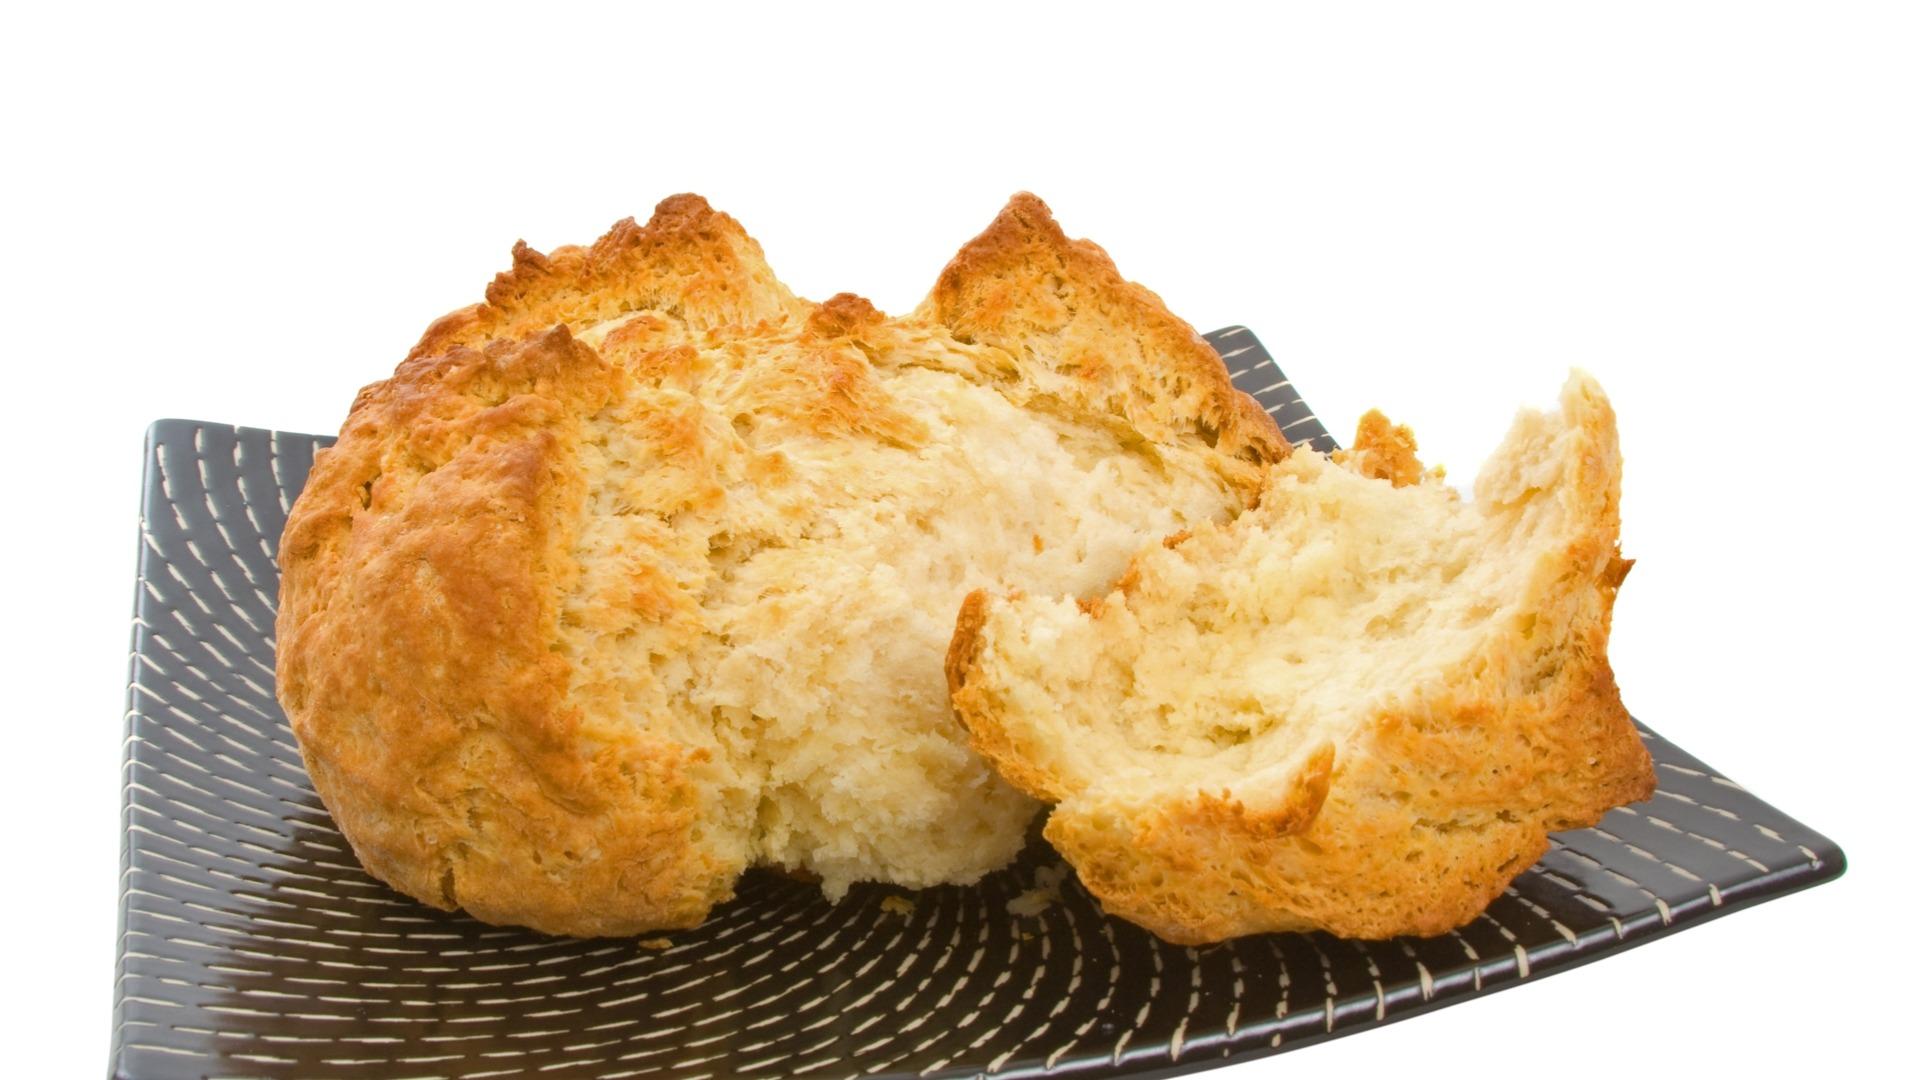 damper loaf, bread